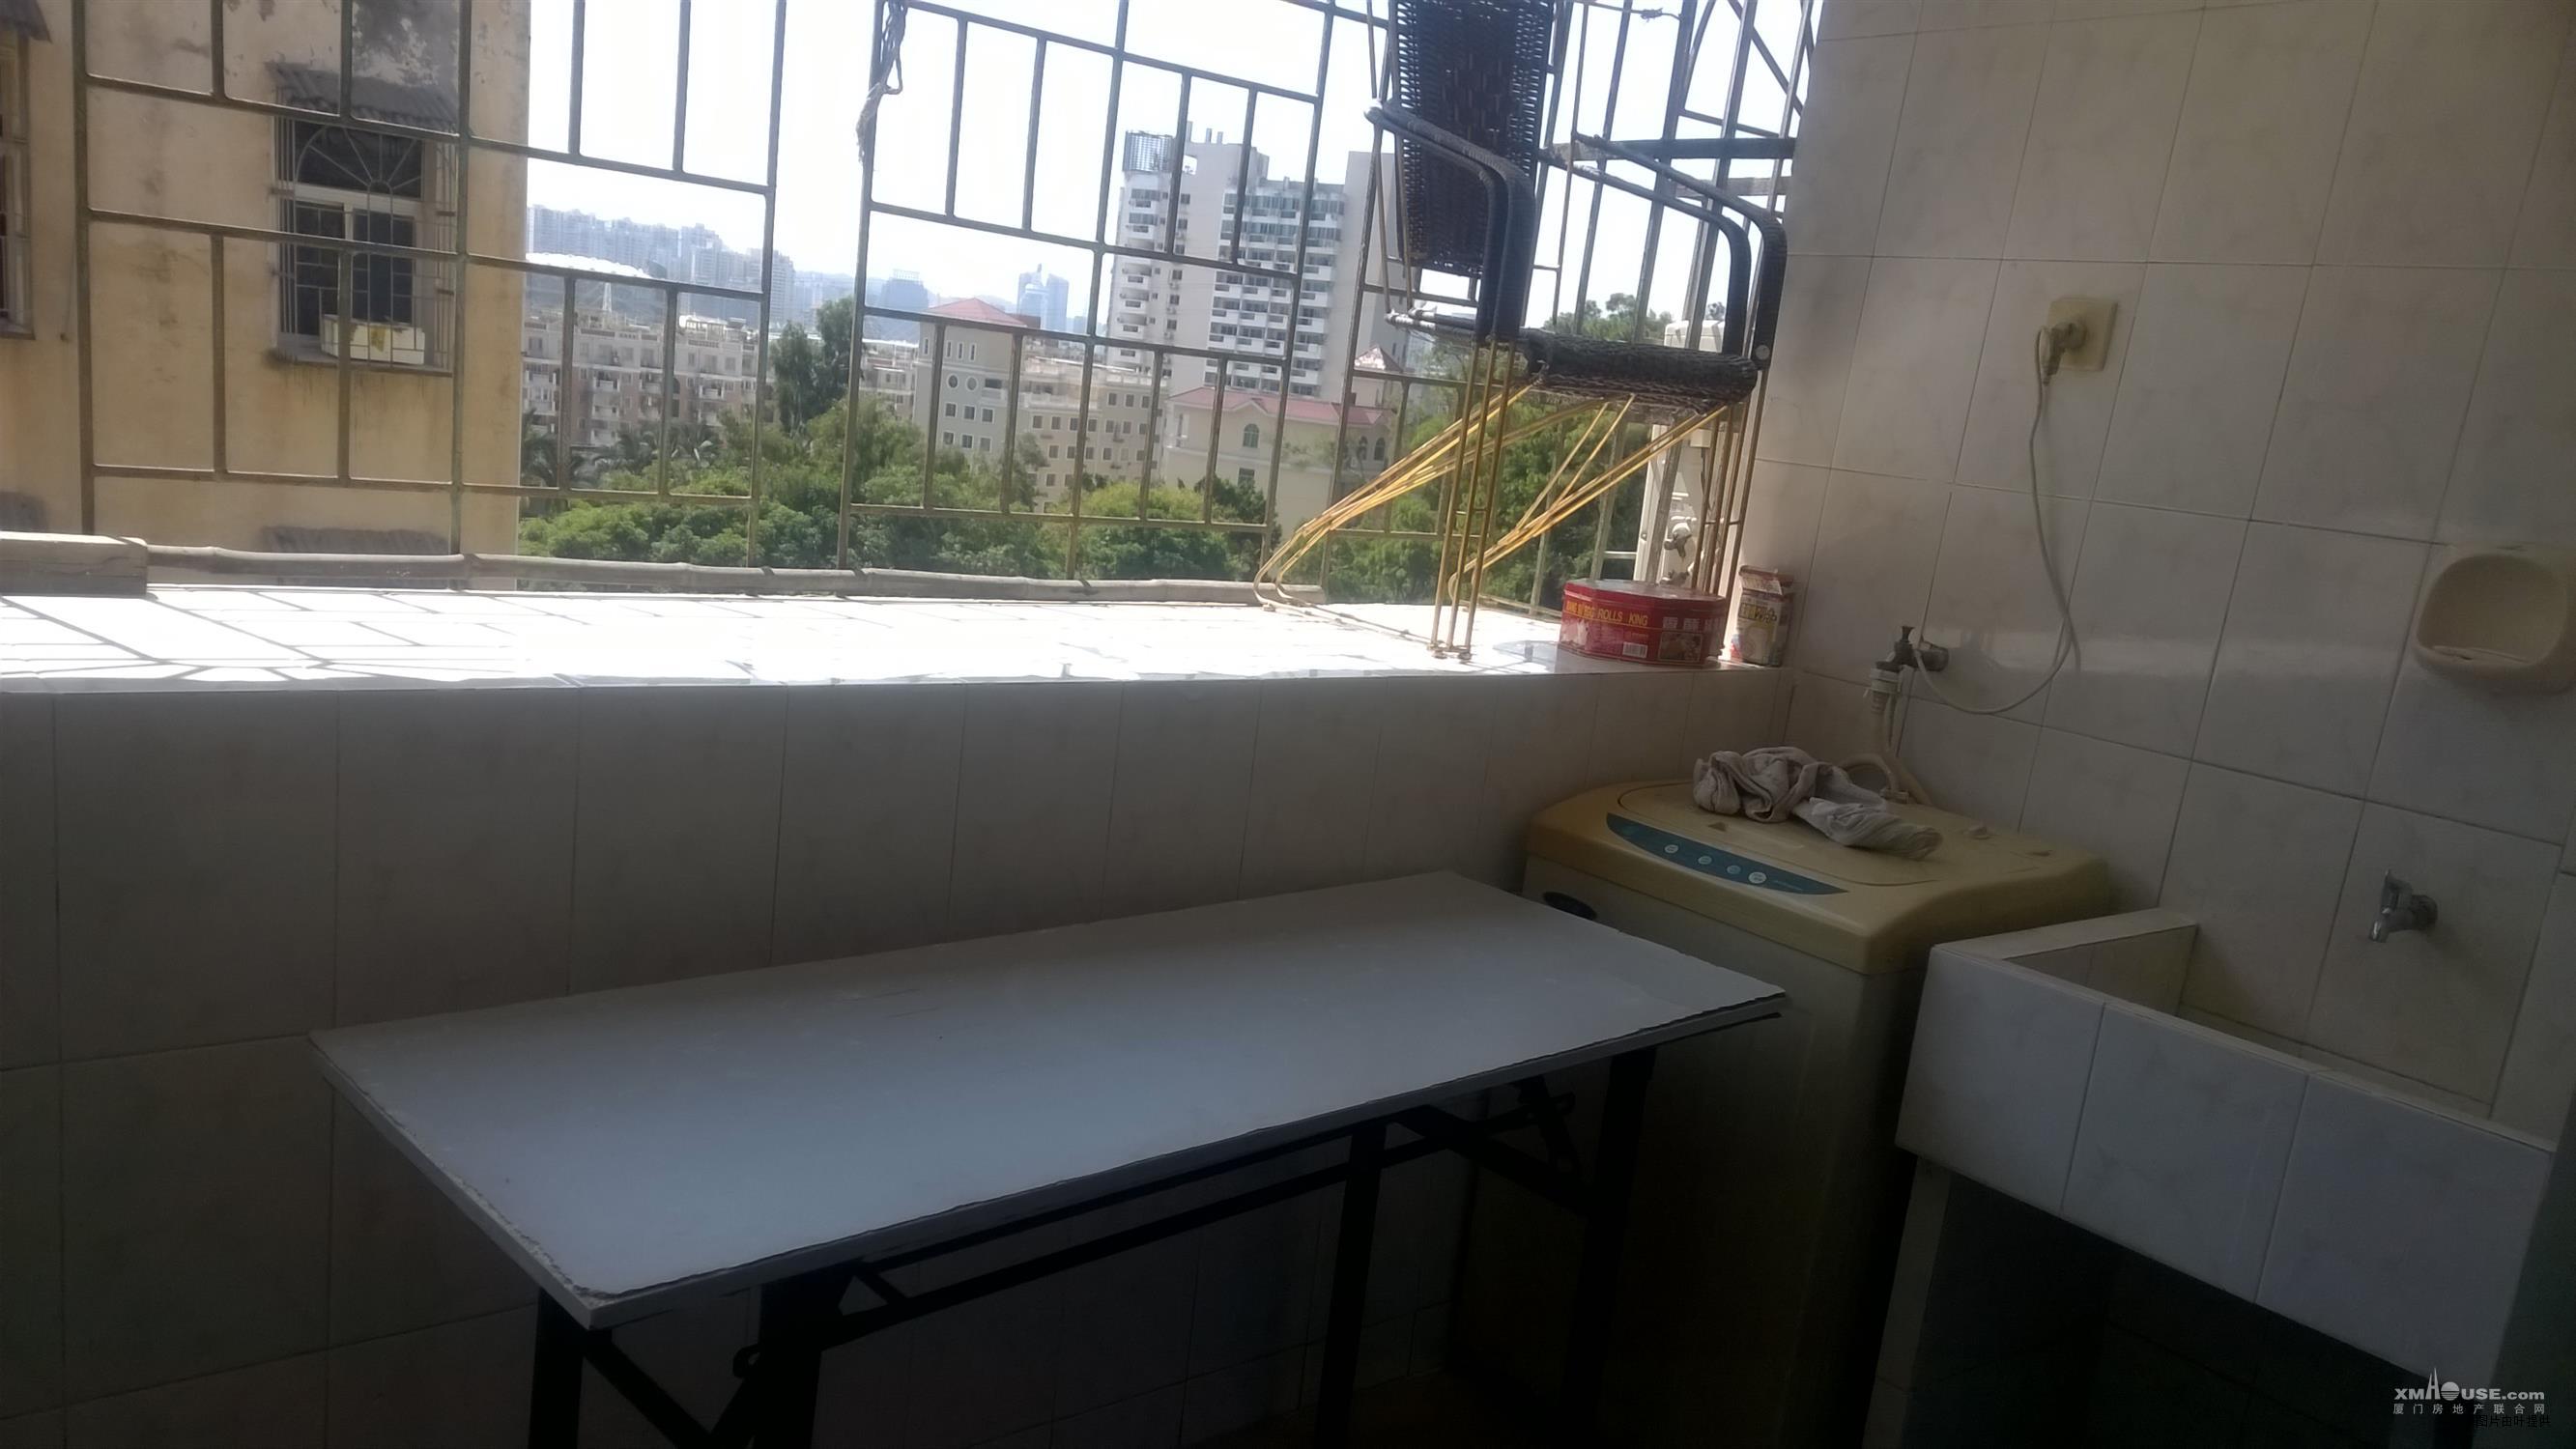 阳台,洗衣机和水池,宽敞明亮